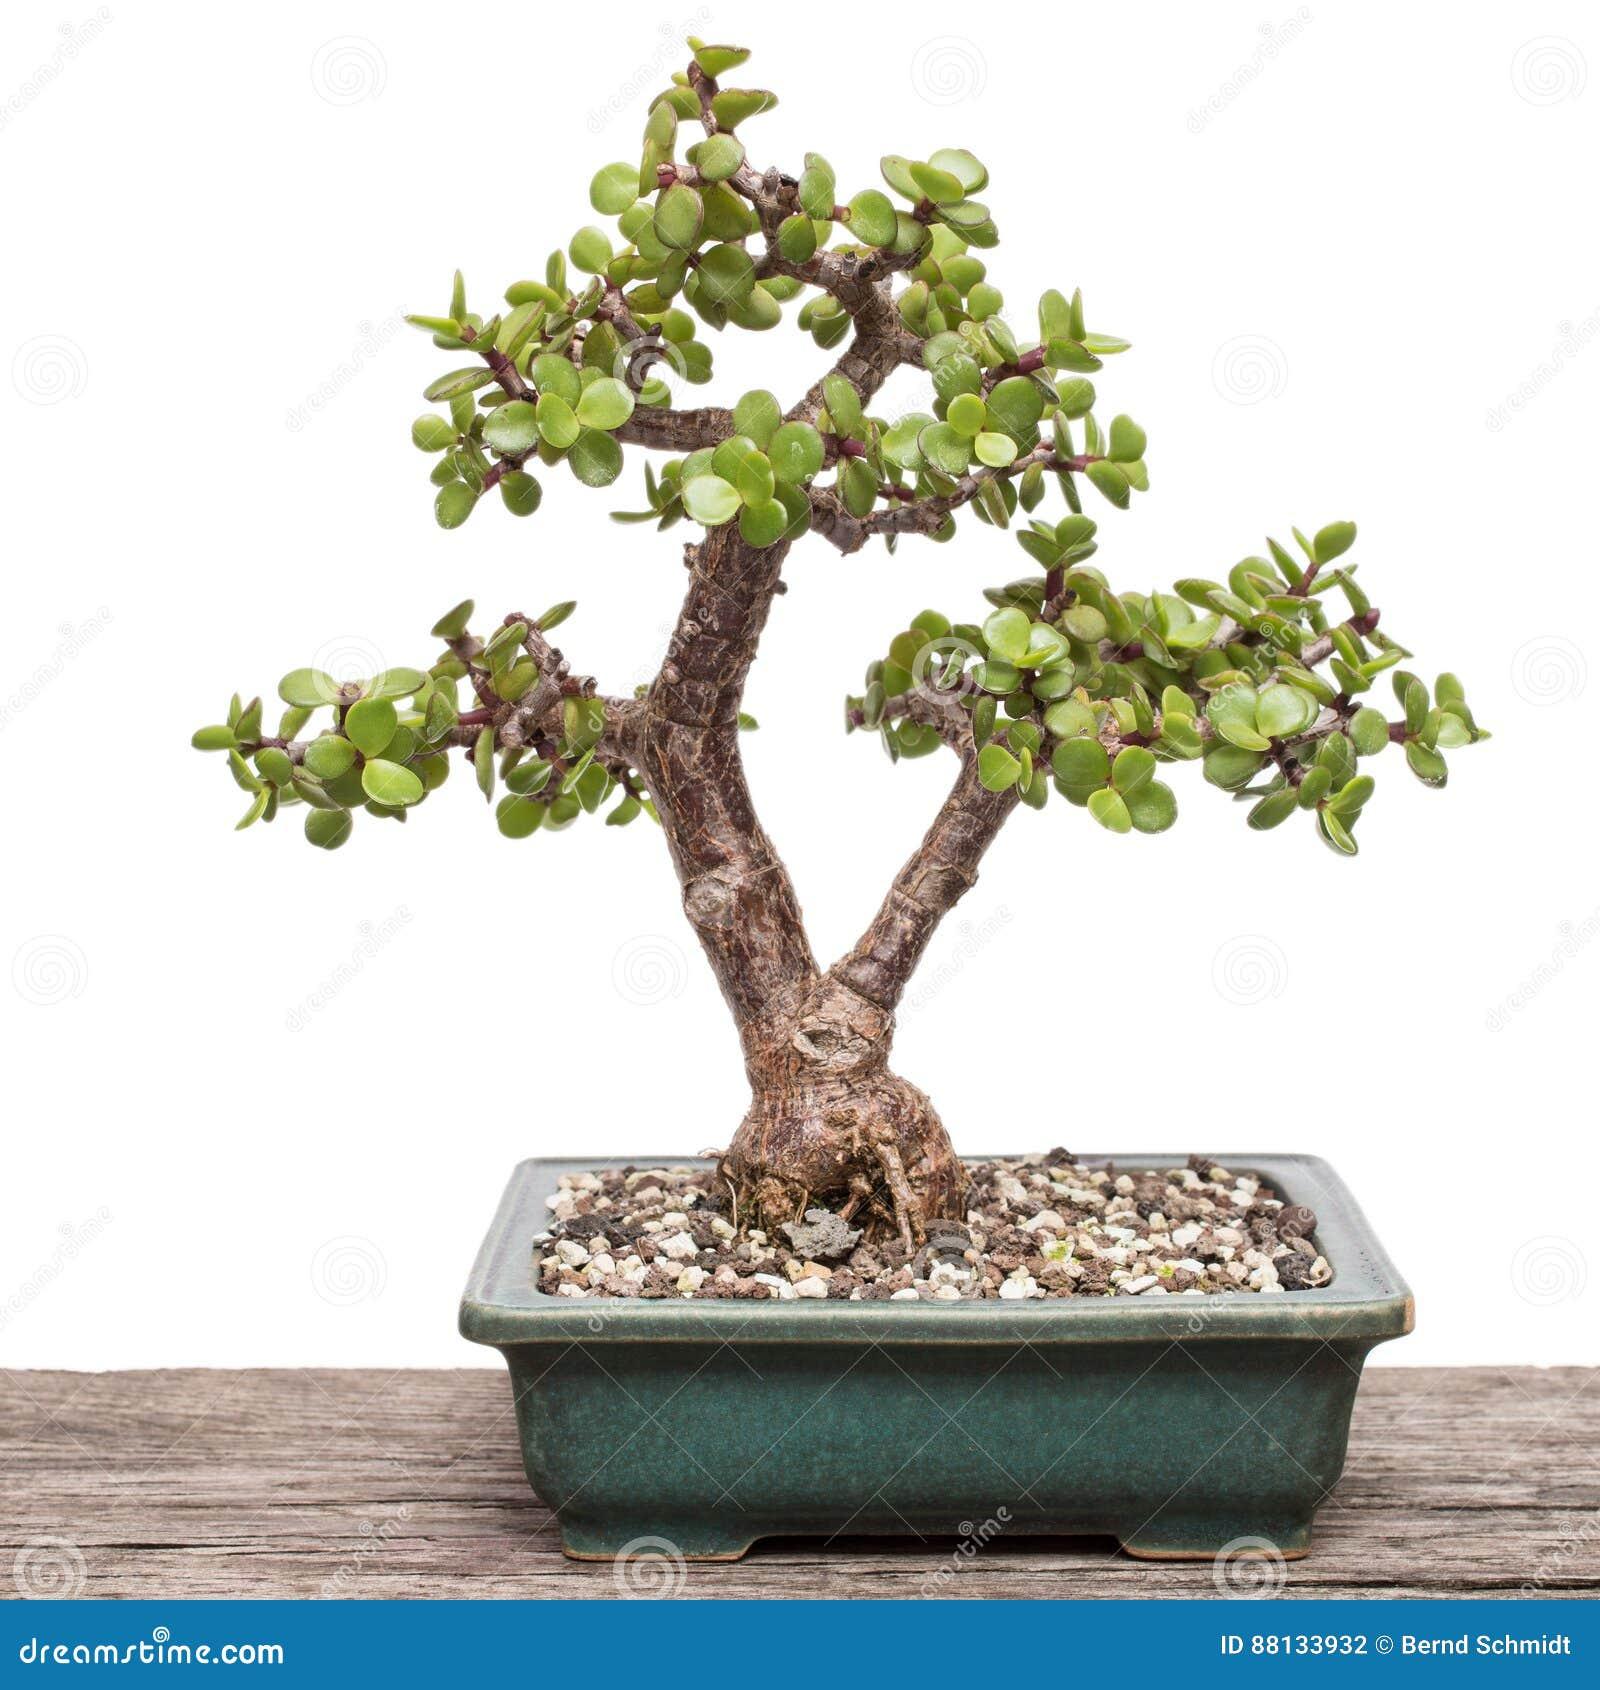 12 Plant Portulacaria Photos   Free & Royalty Free Stock Photos ...